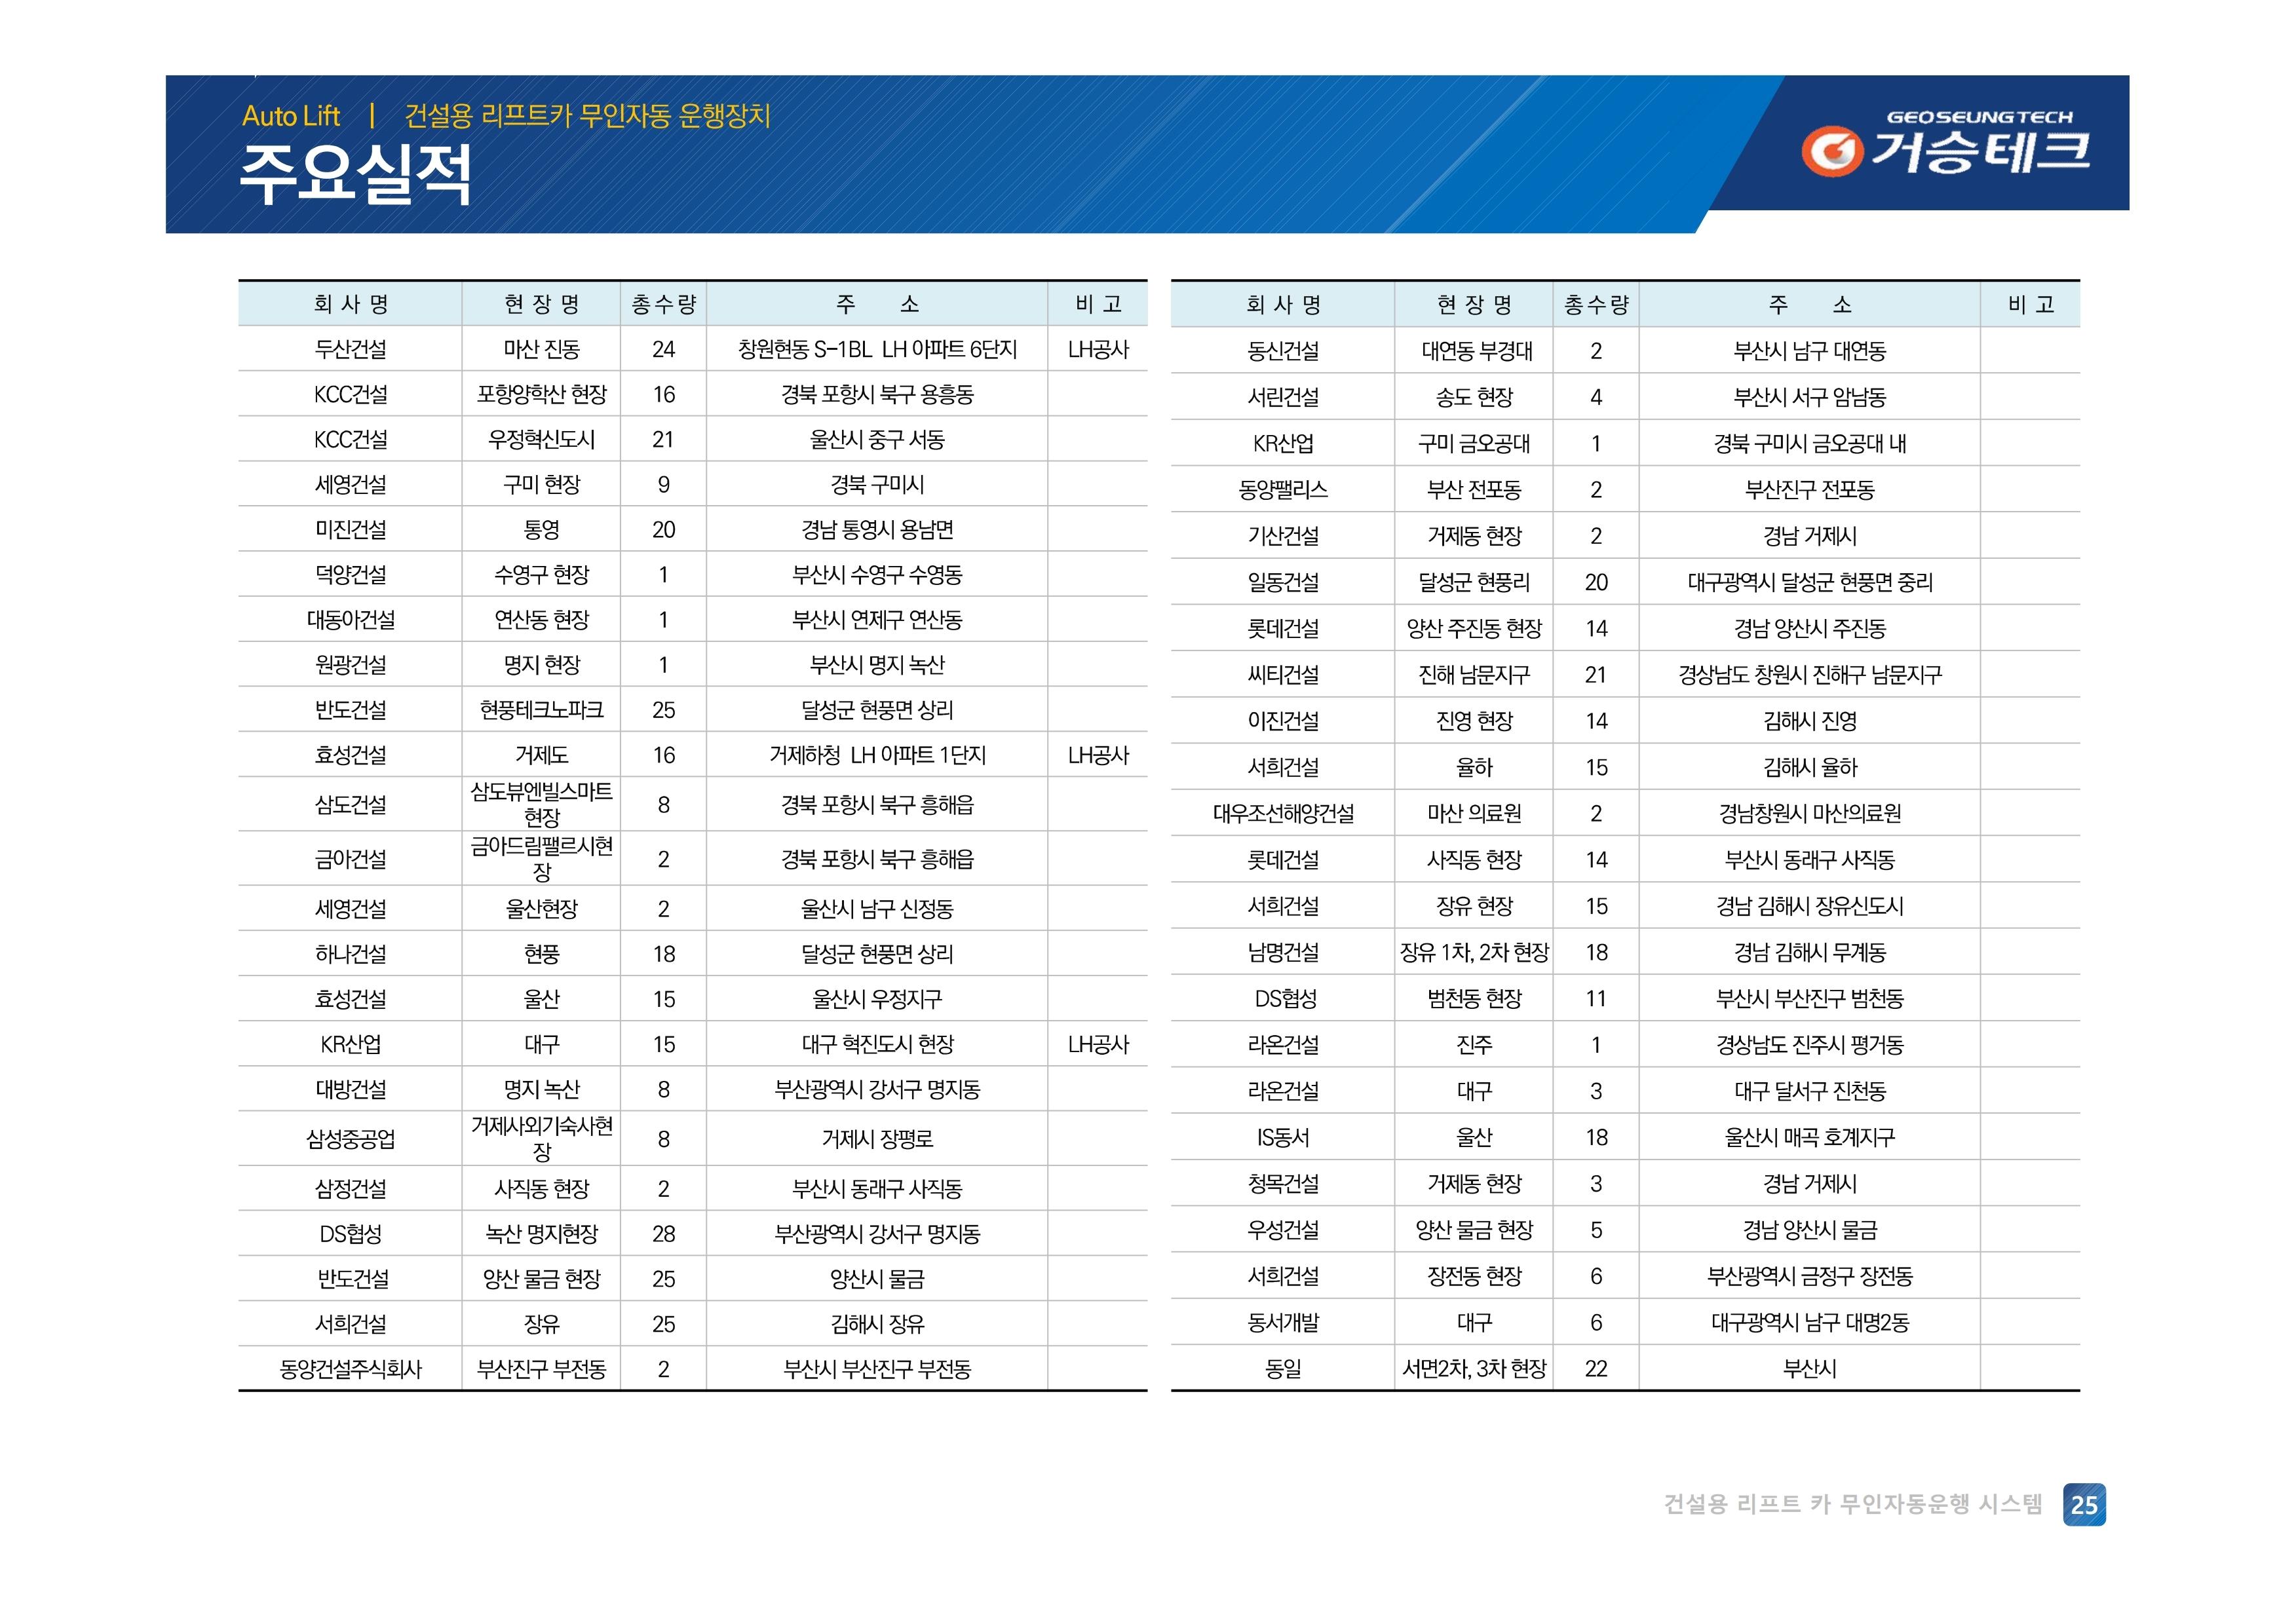 무인자동 (거승테크)-Rev01 (2020-07-22).pdf_page_25.jpg